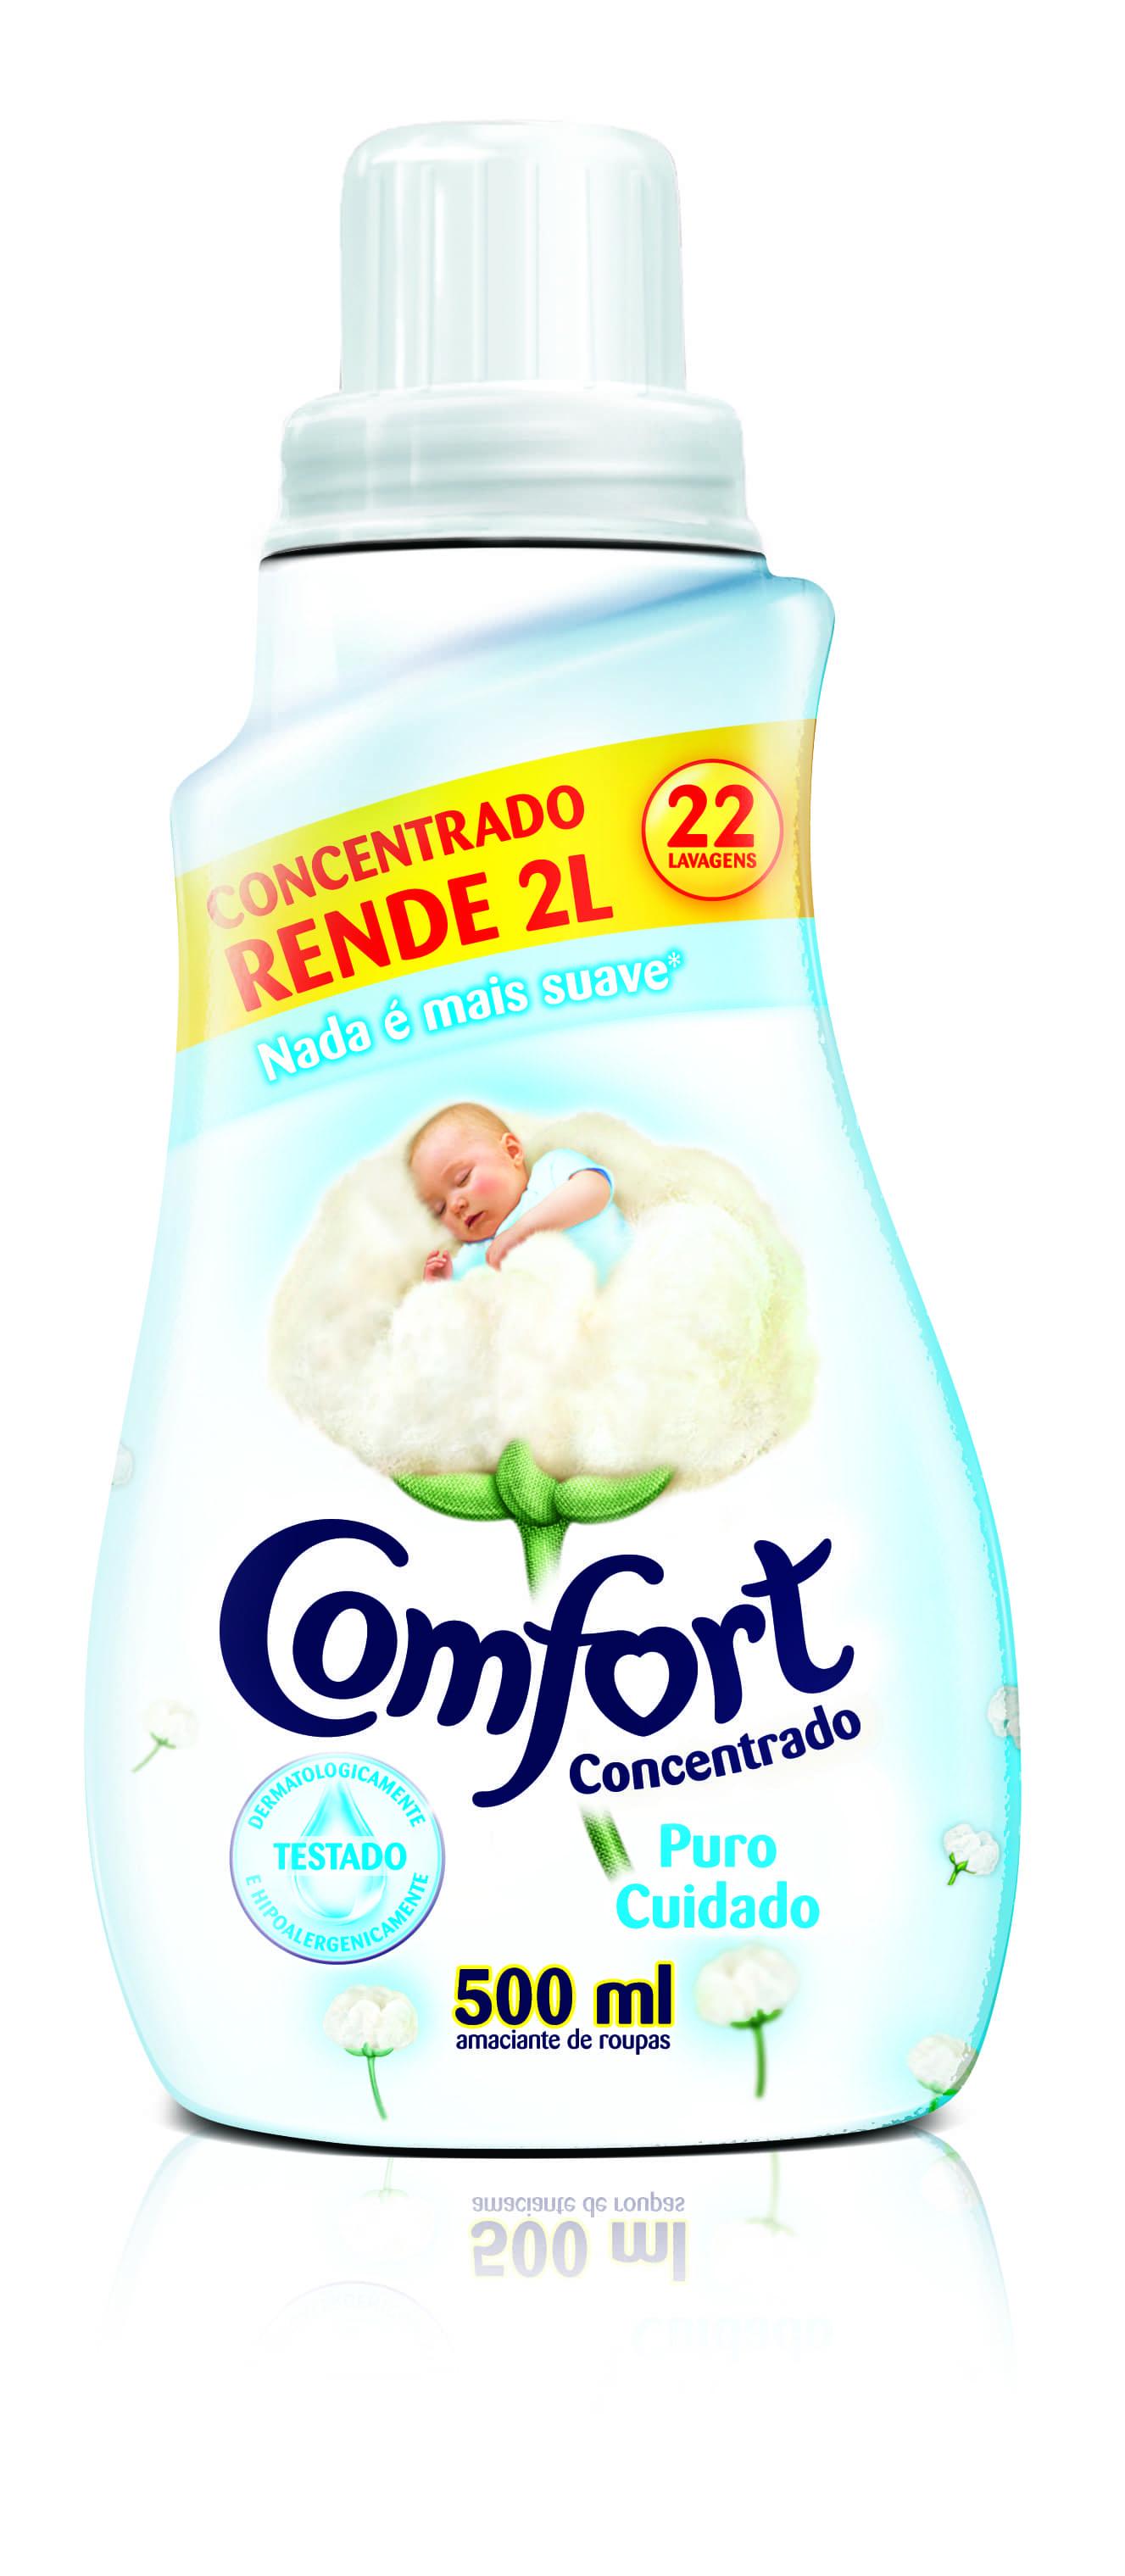 Comfort-Puro-Cuidado-Concentrado